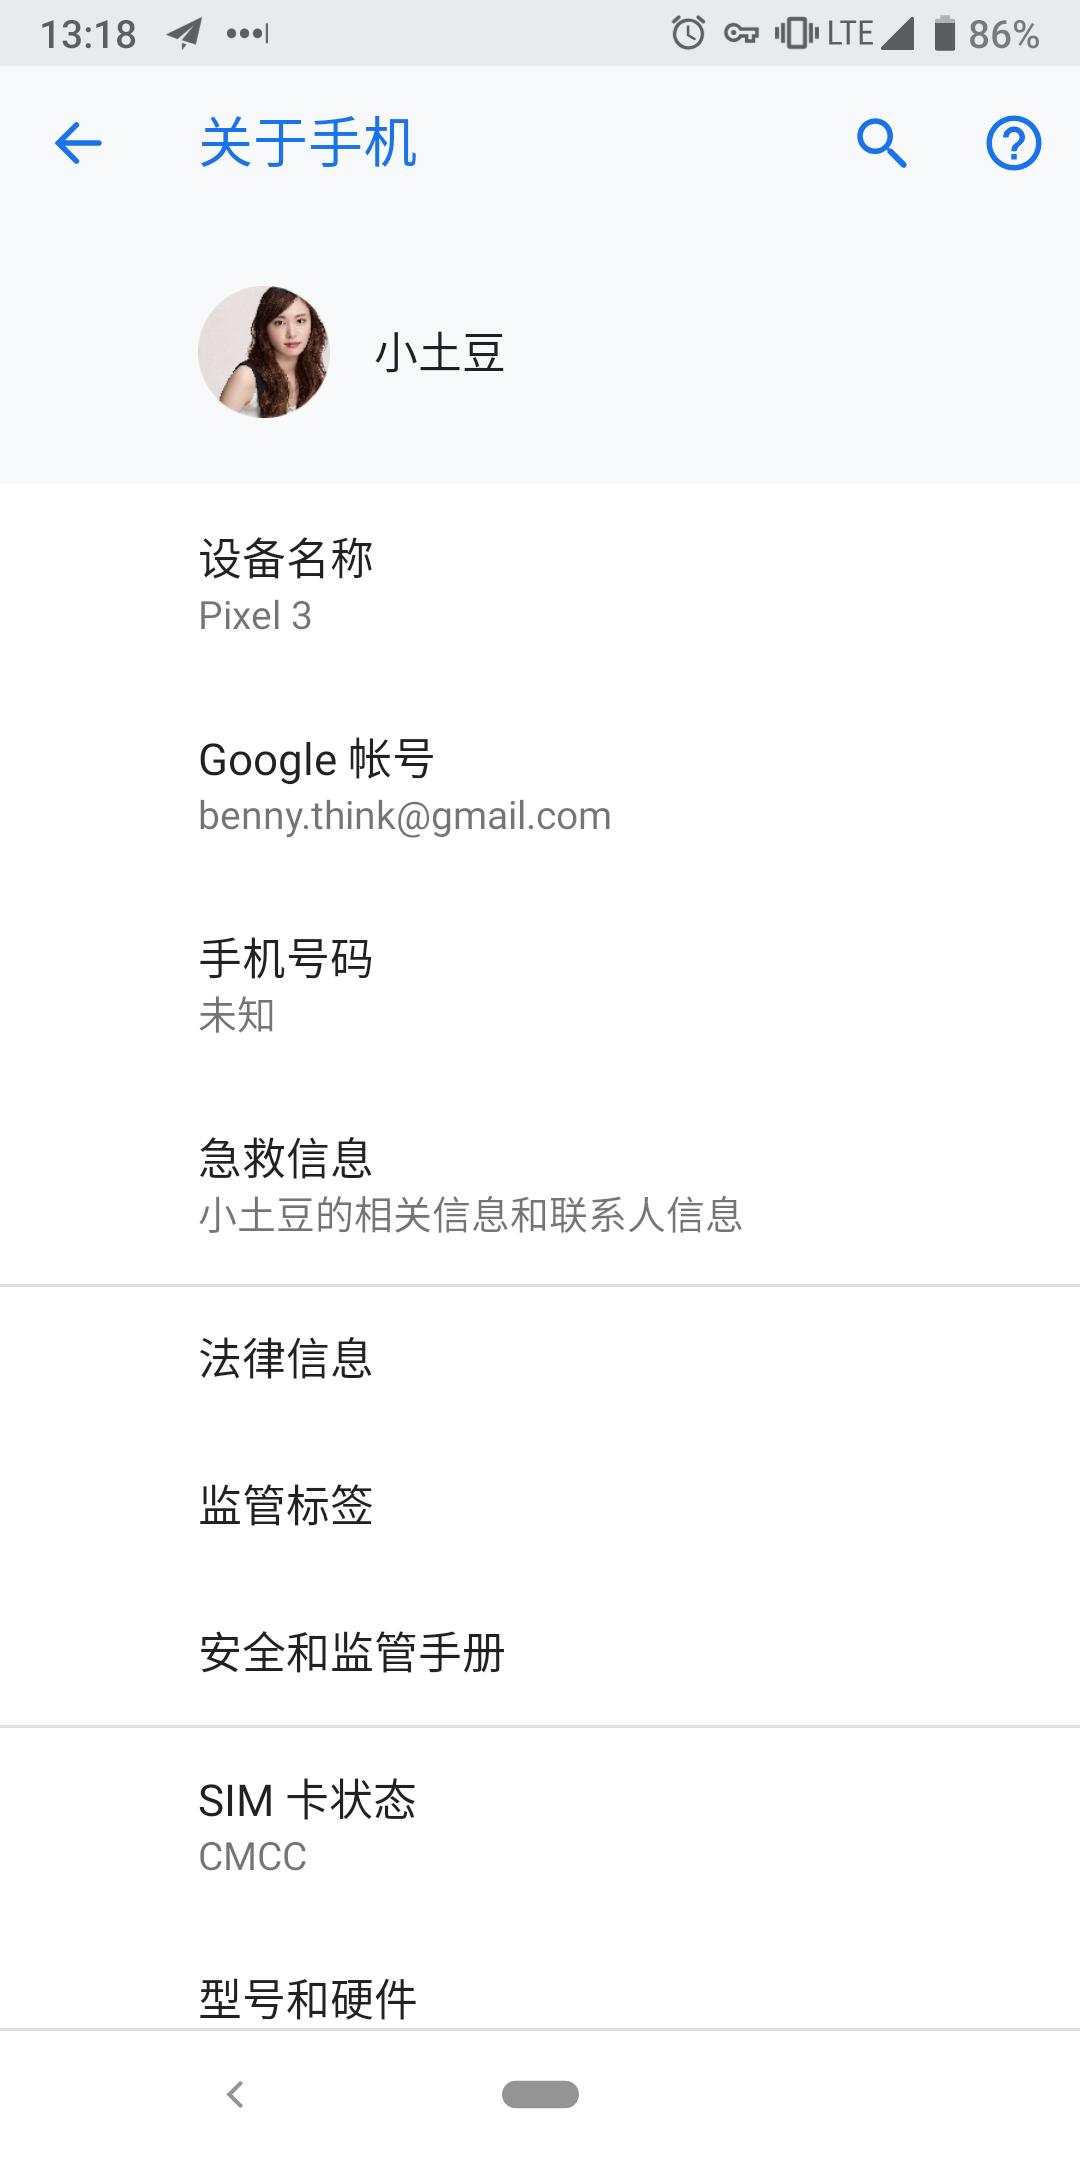 Google Pixel3 体验报告